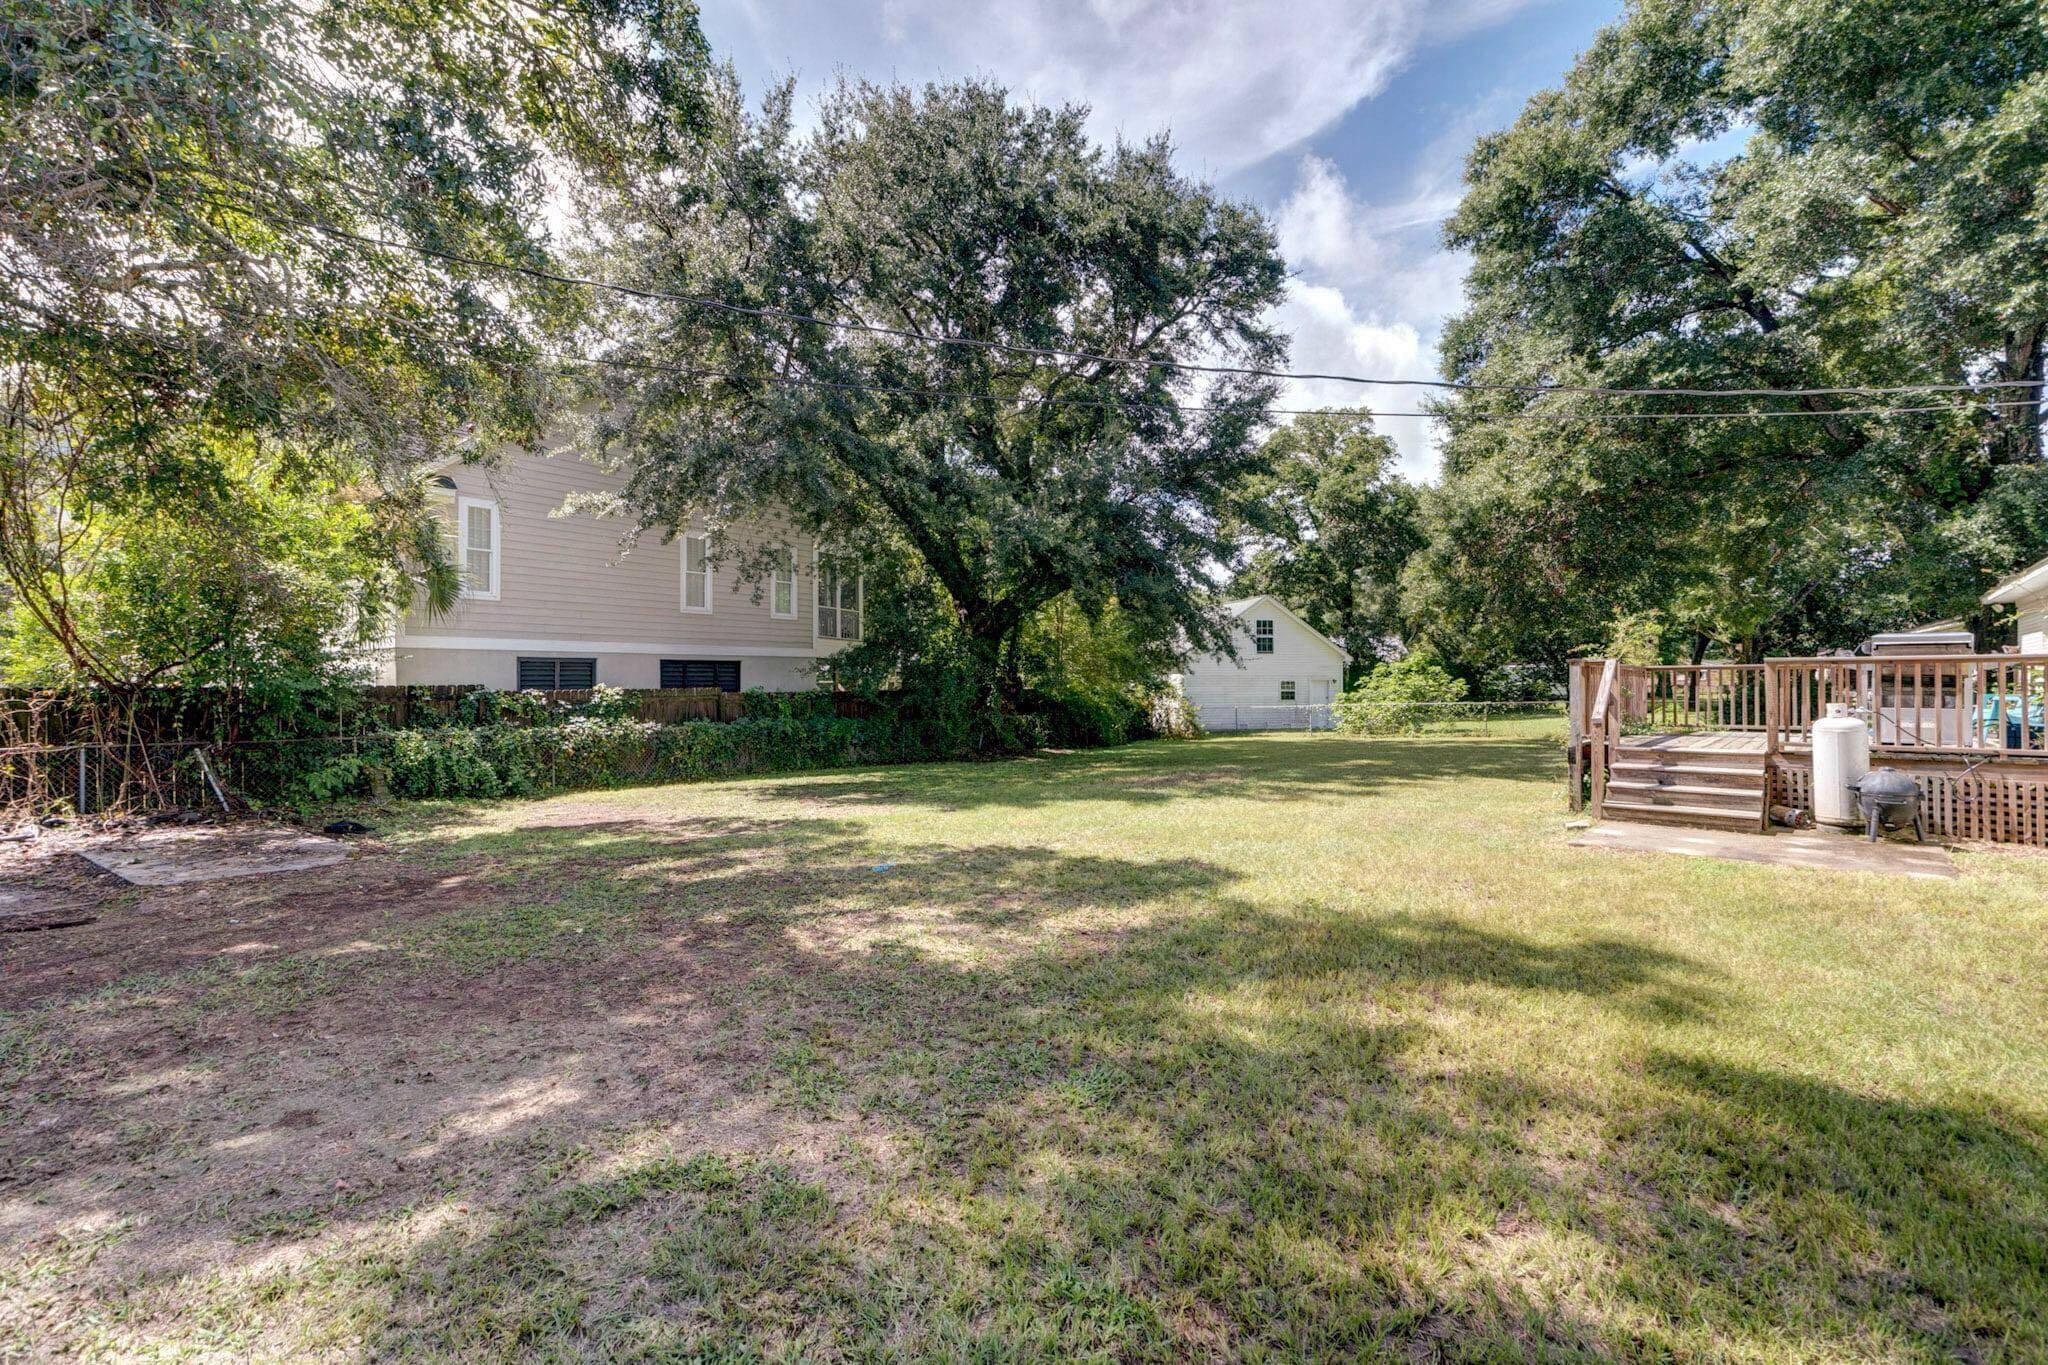 Clarks Point Homes For Sale - 1257 Julian Clark, Charleston, SC - 12